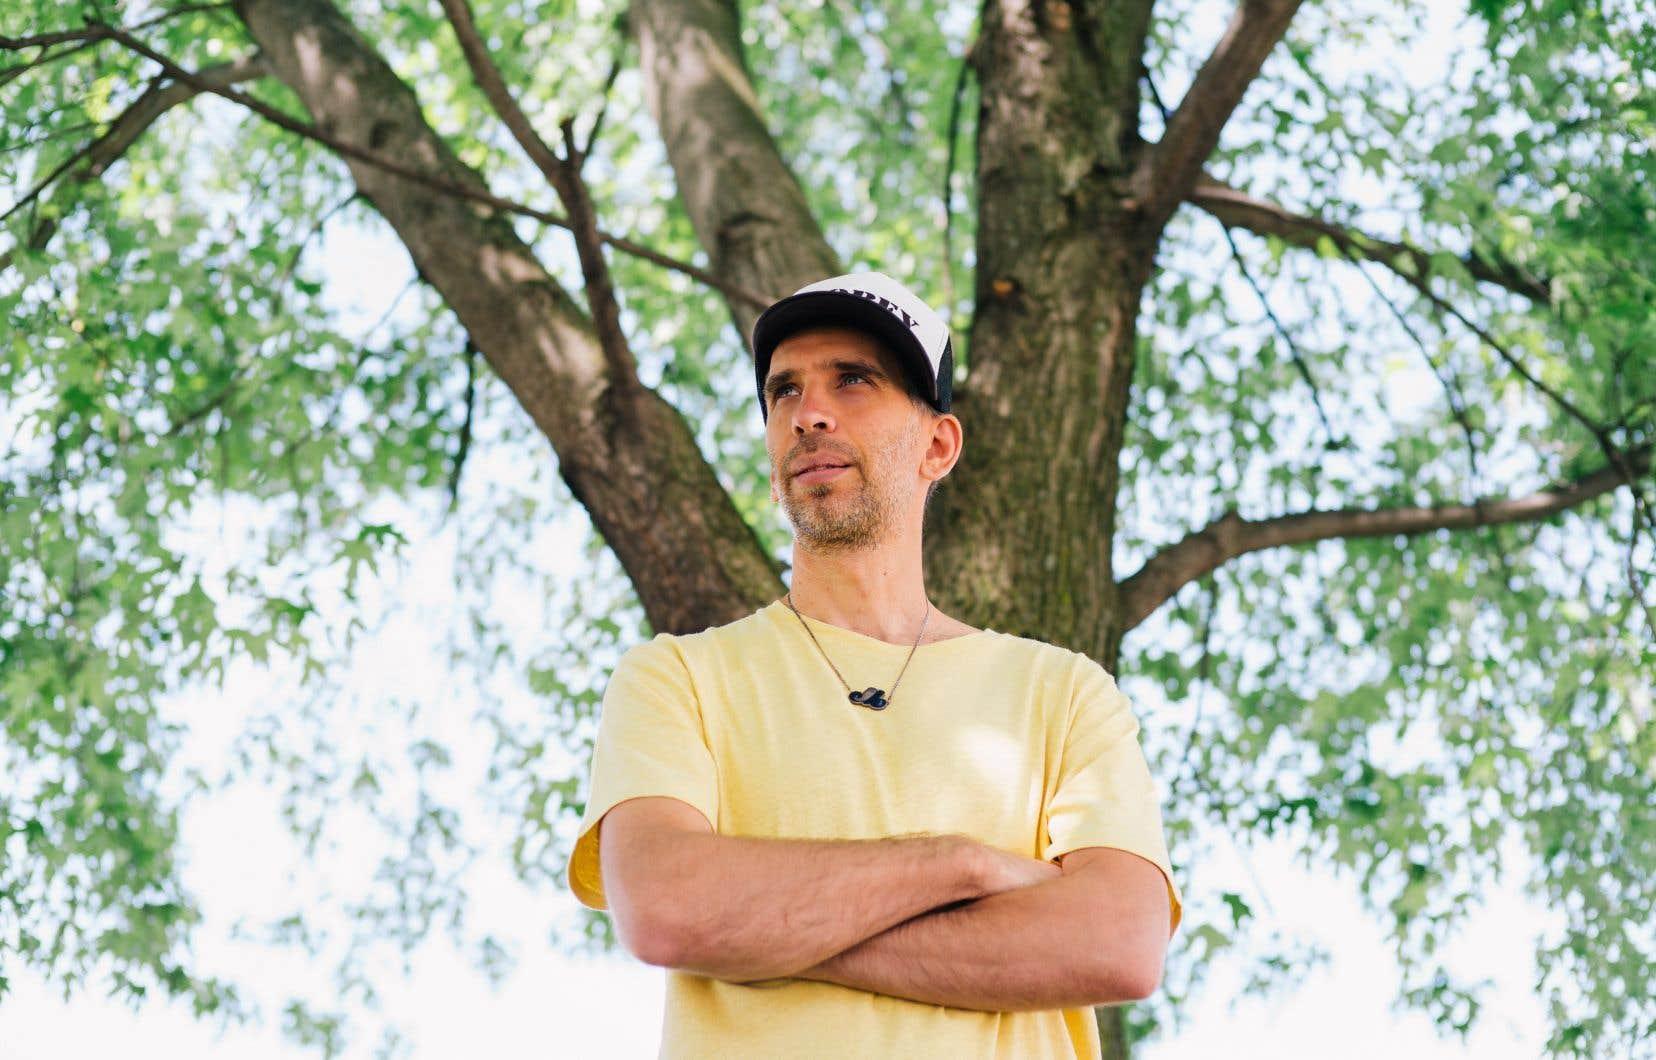 Poirier revient avec un nouvel album surprenant, loin des rythmes qu'on lui connaît, mais dont la gestation fut difficile.